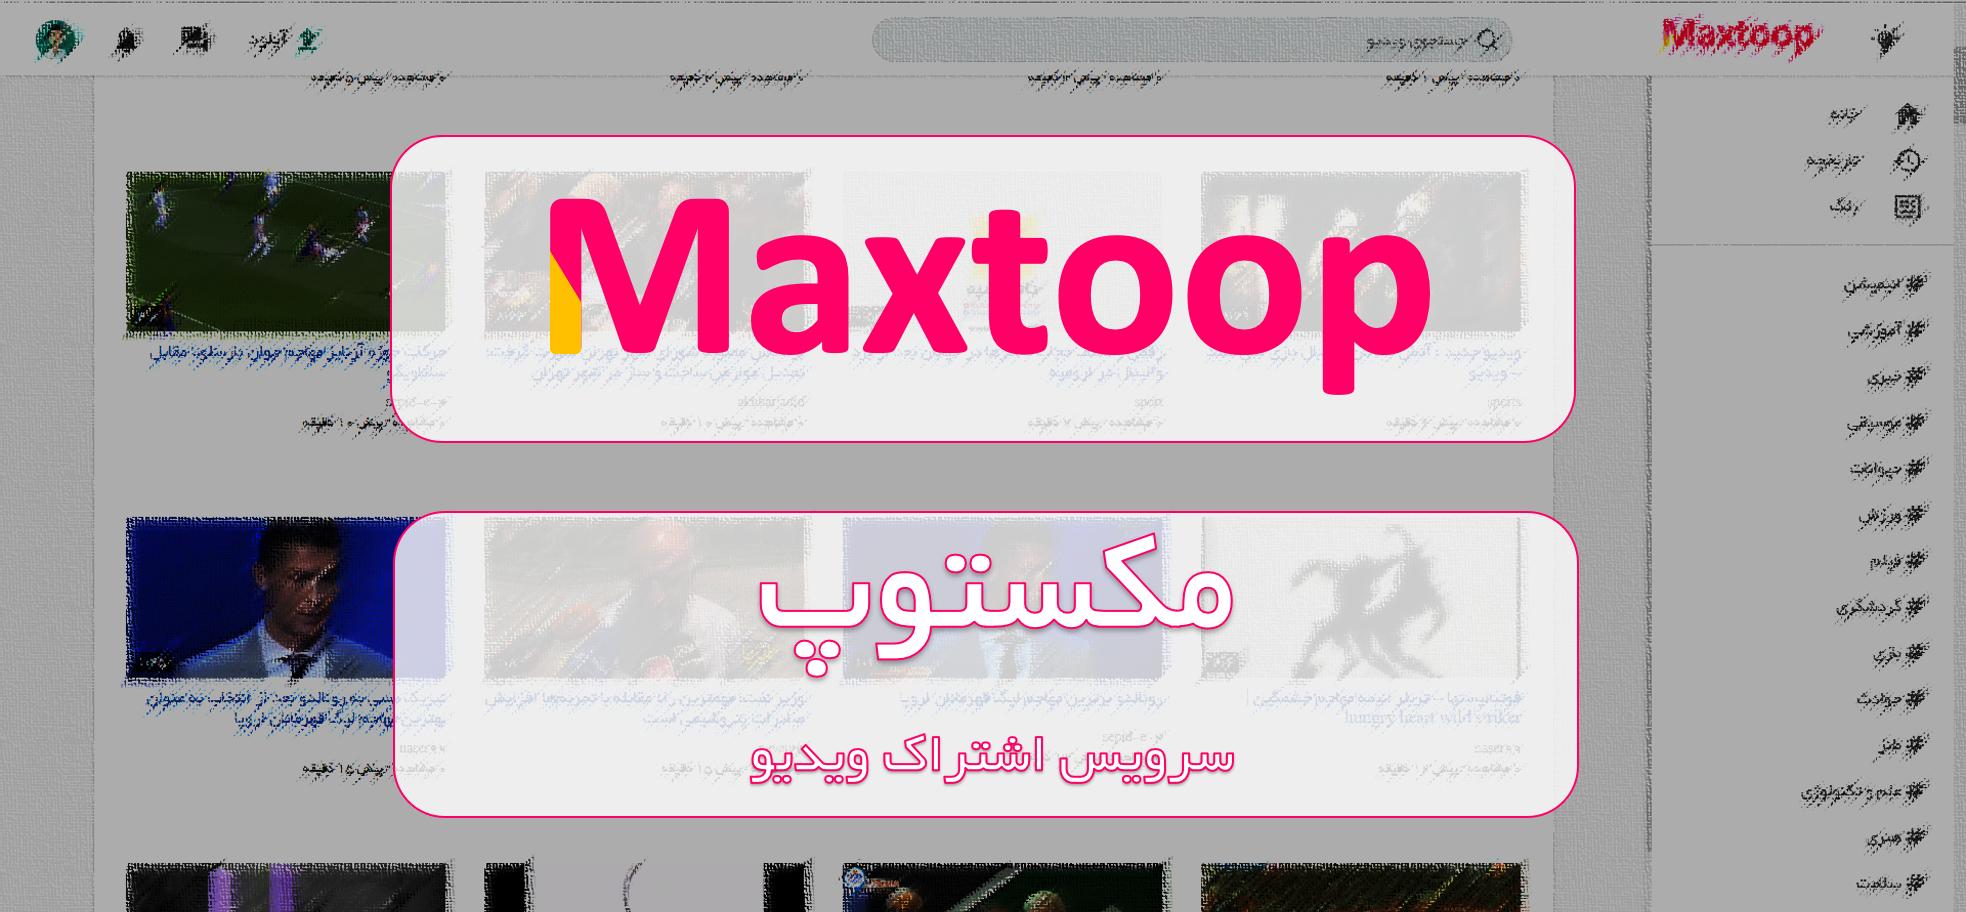 رپورتاژ آگهی کسب بالاترین درآمد از اشتراک ویدیو در سایت مکستوپ